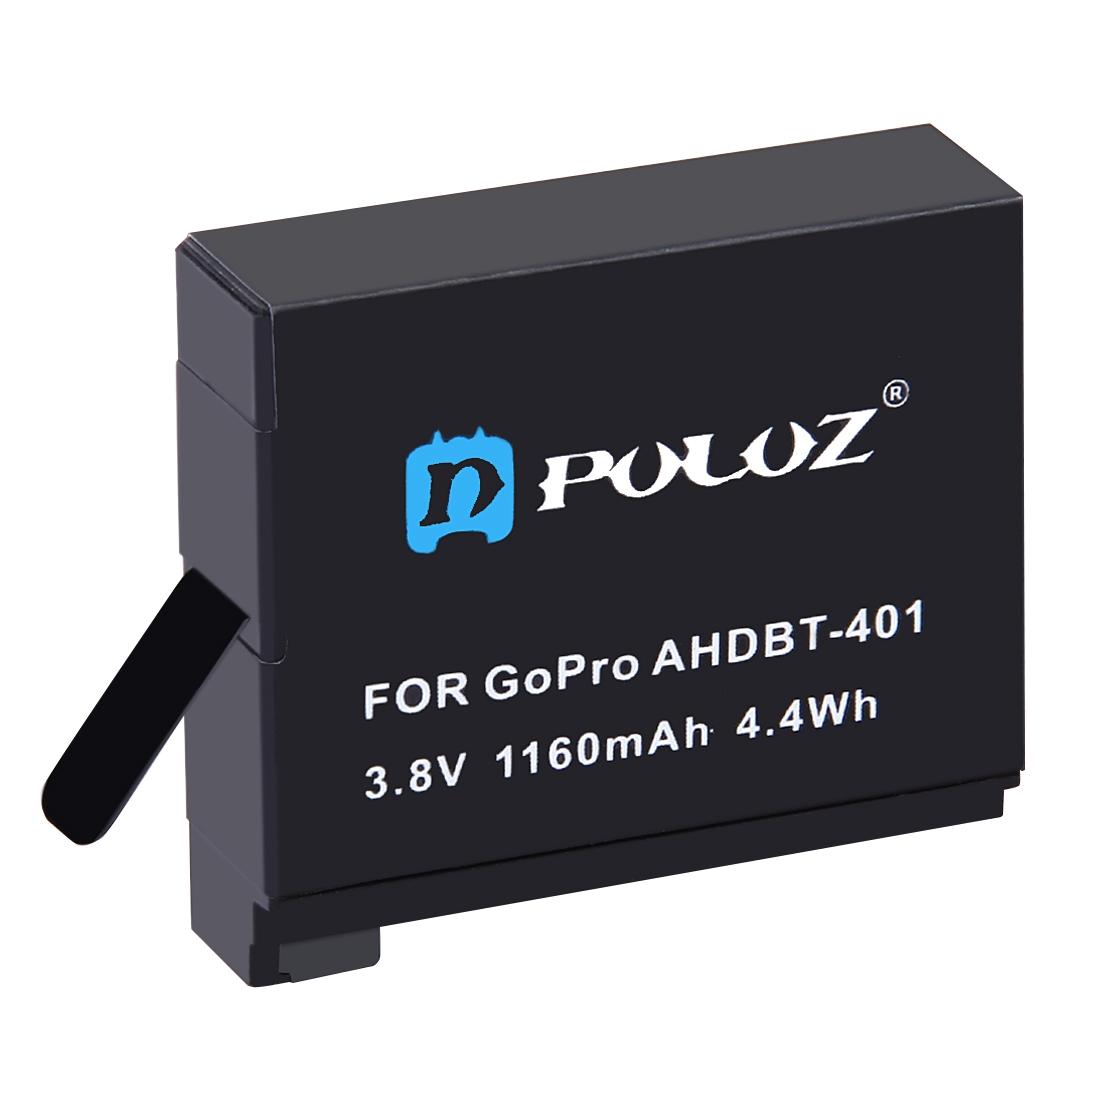 باتری لیتیومی قابل شارژ پلوز مدل PU36B مناسب برای دوربین های ورزشی گوپرو Hero4